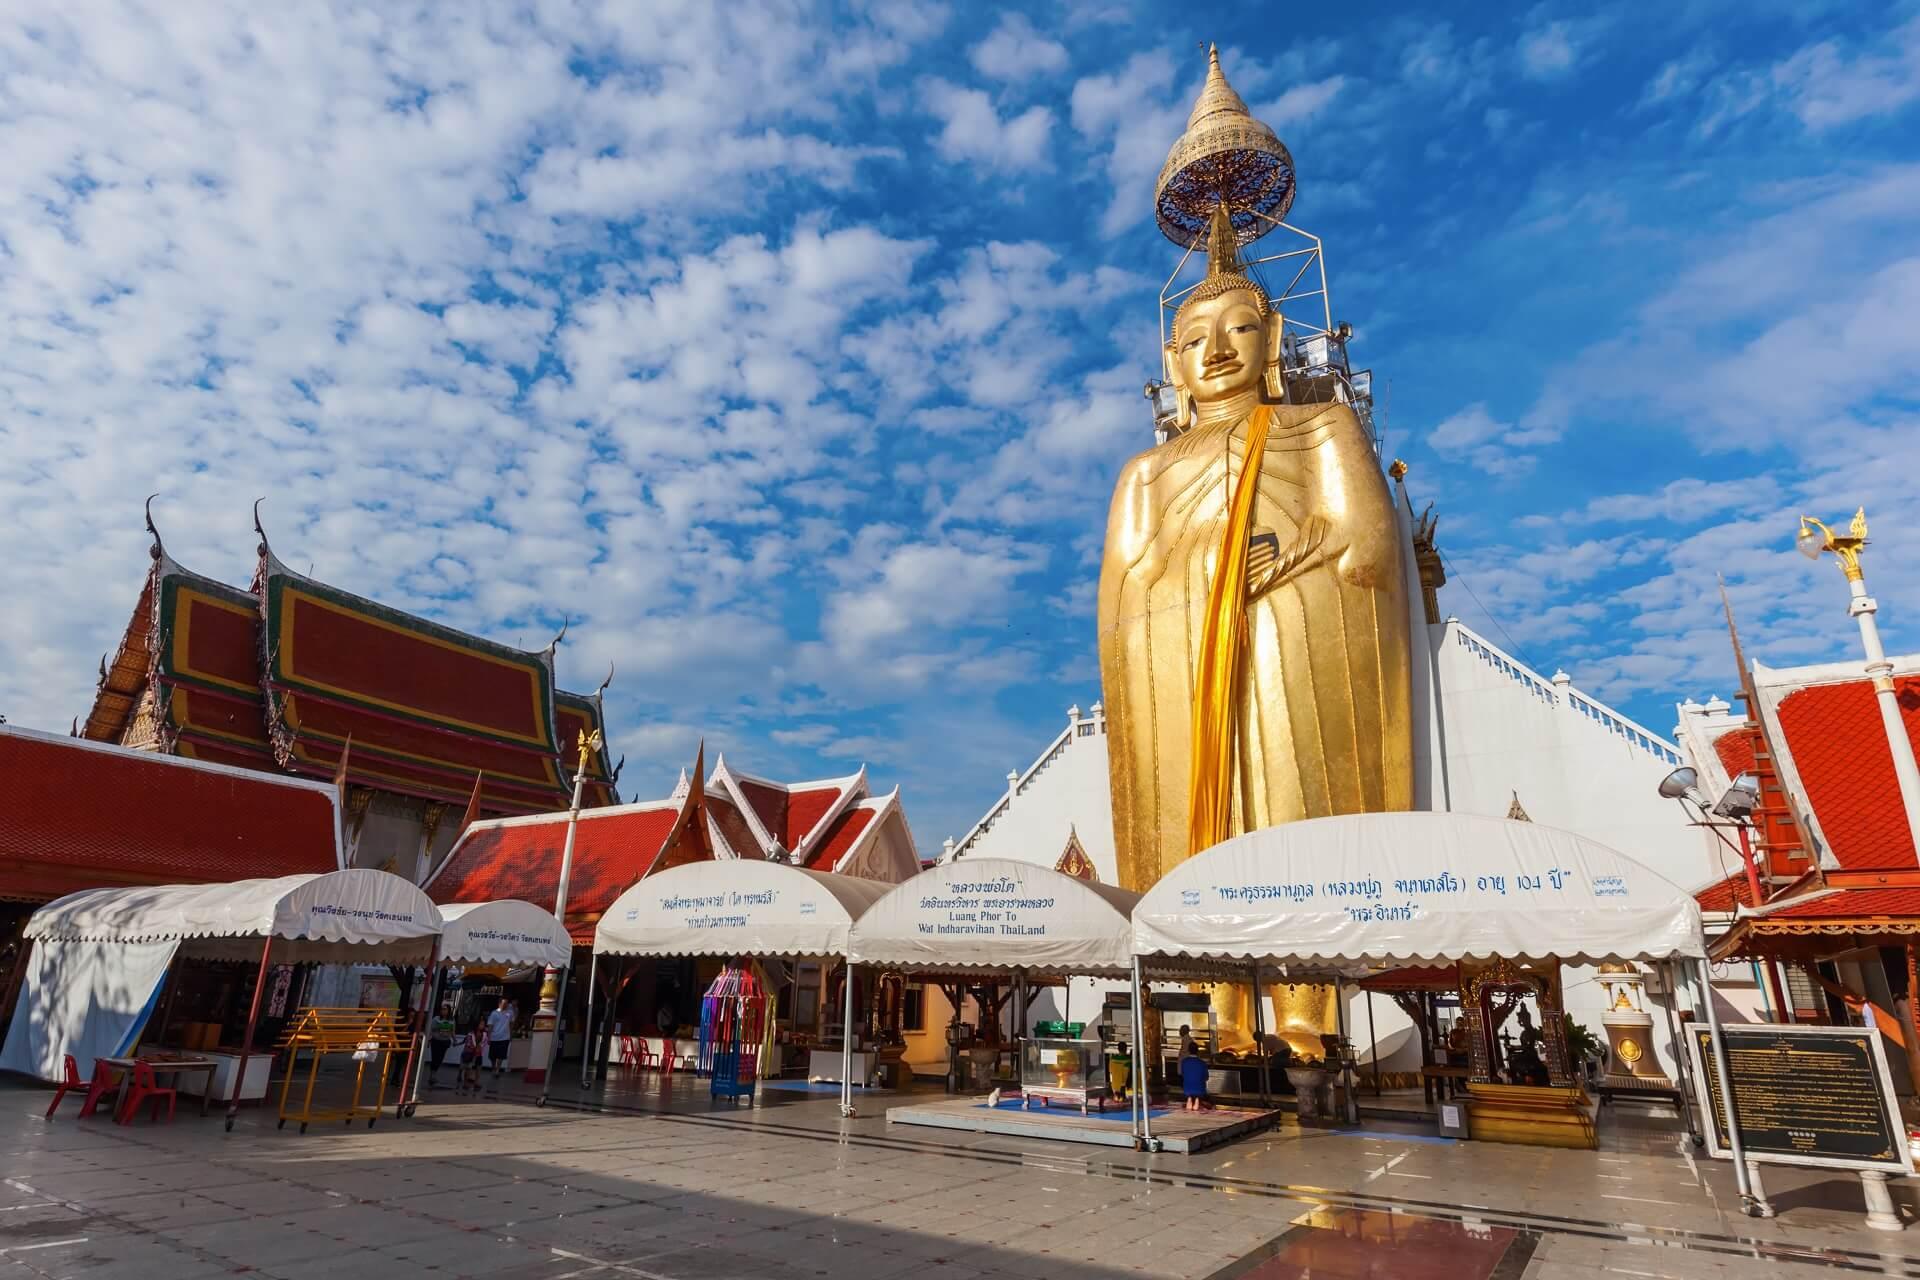 Der stehende Buddha in Bangkok ist sehr beeindruckend.